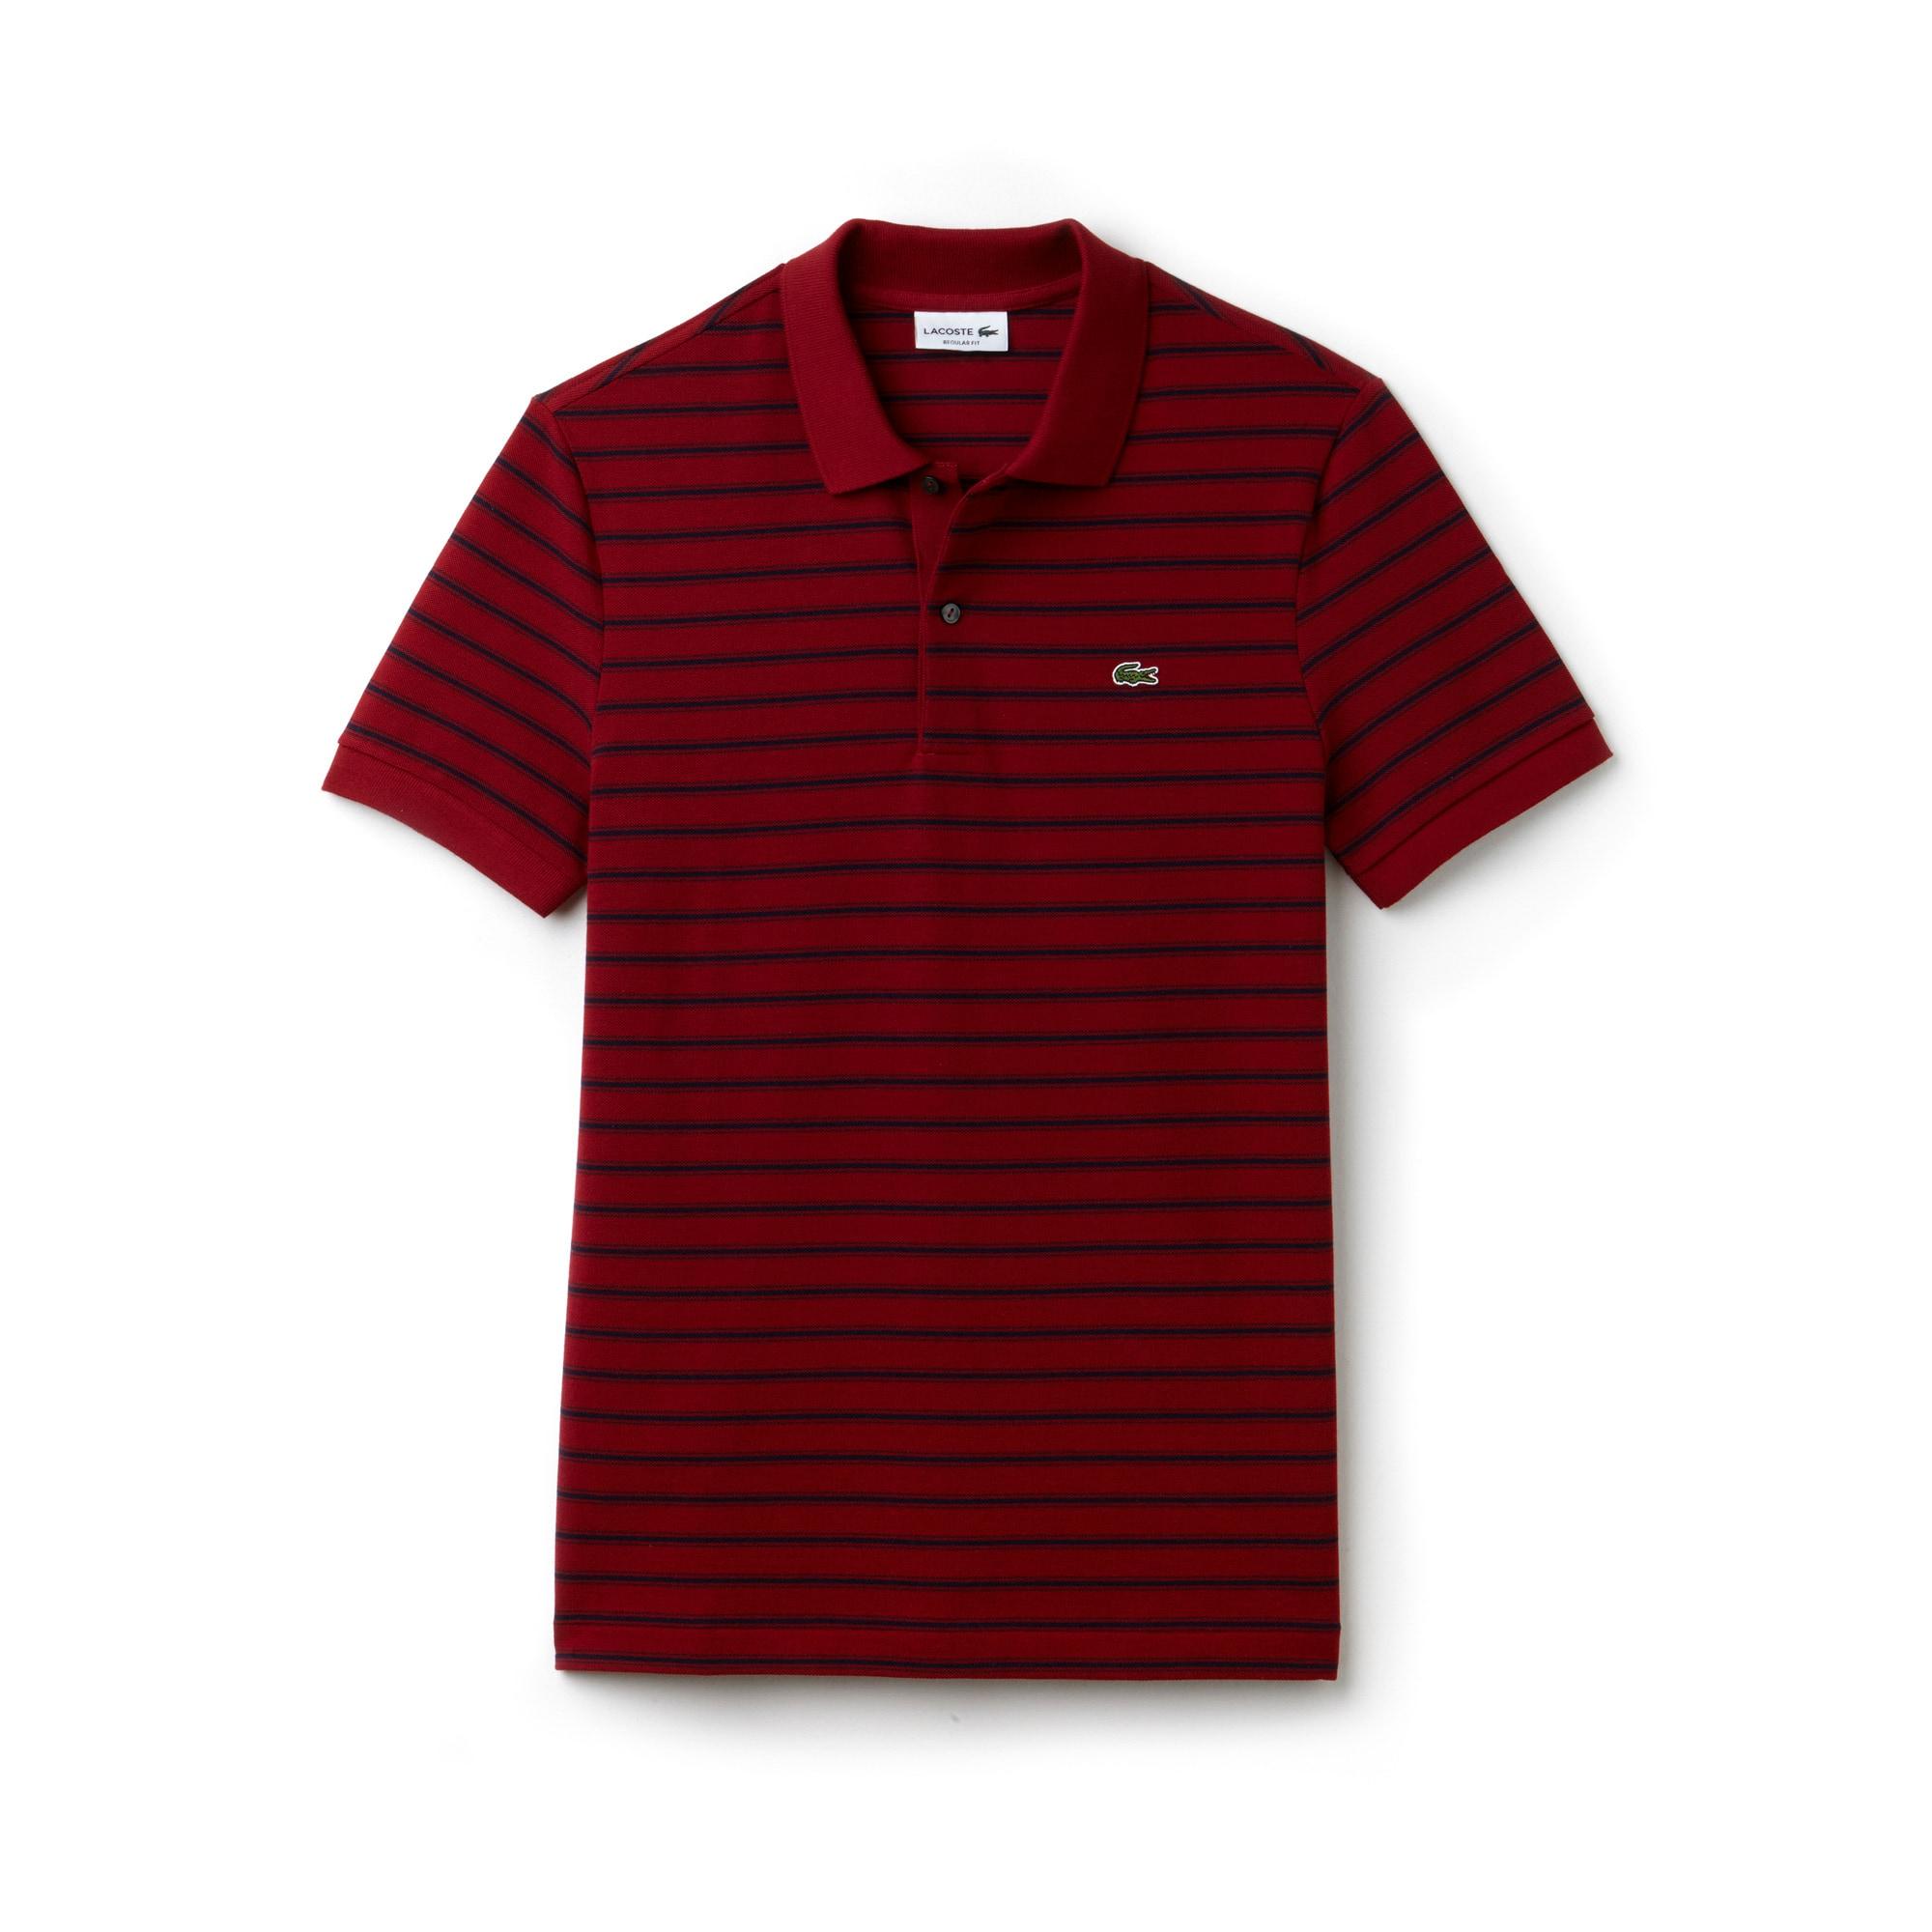 Men's Lacoste Regular Fit Striped Cotton Petit Piqué Polo